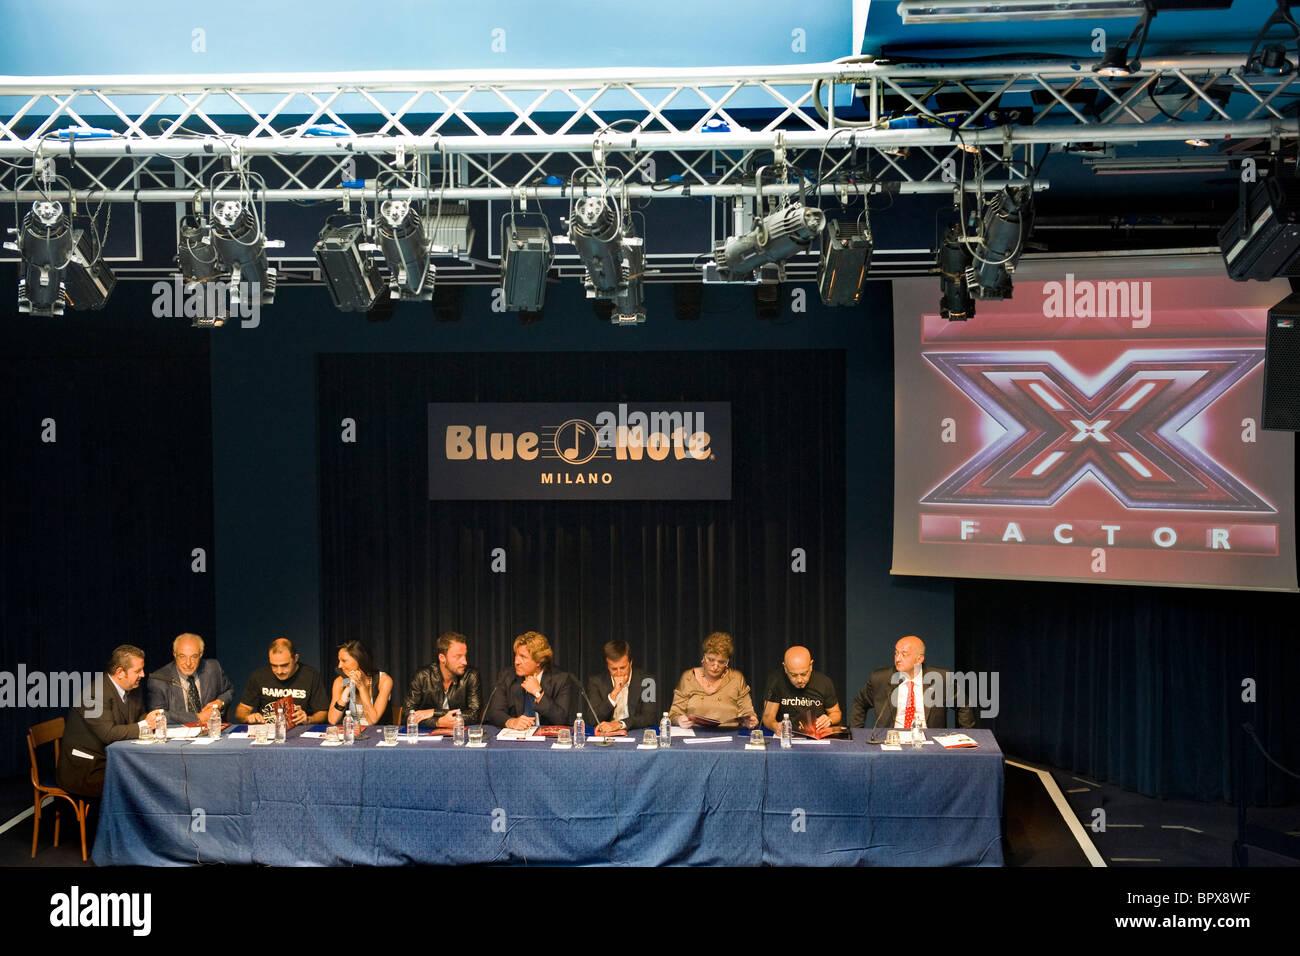 Conferenza stampa per la presentazione di X Factor, Milano, 06.09.2010. Nella foto: la conferenza stampa - Stock Image